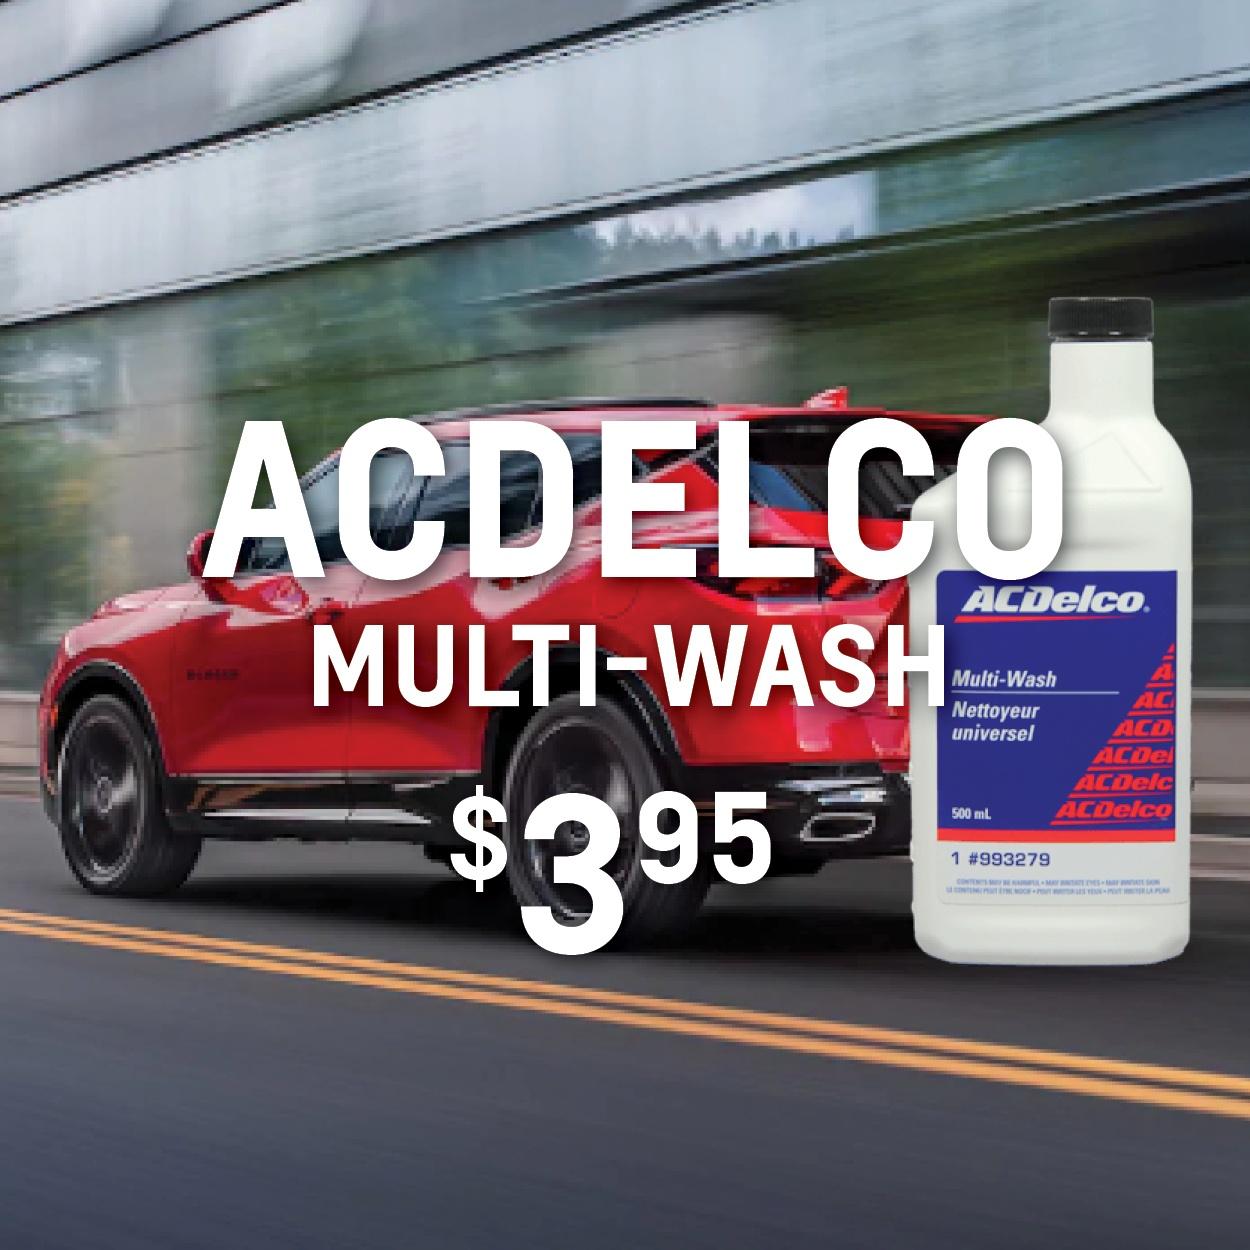 ACDelco Multi-Wash